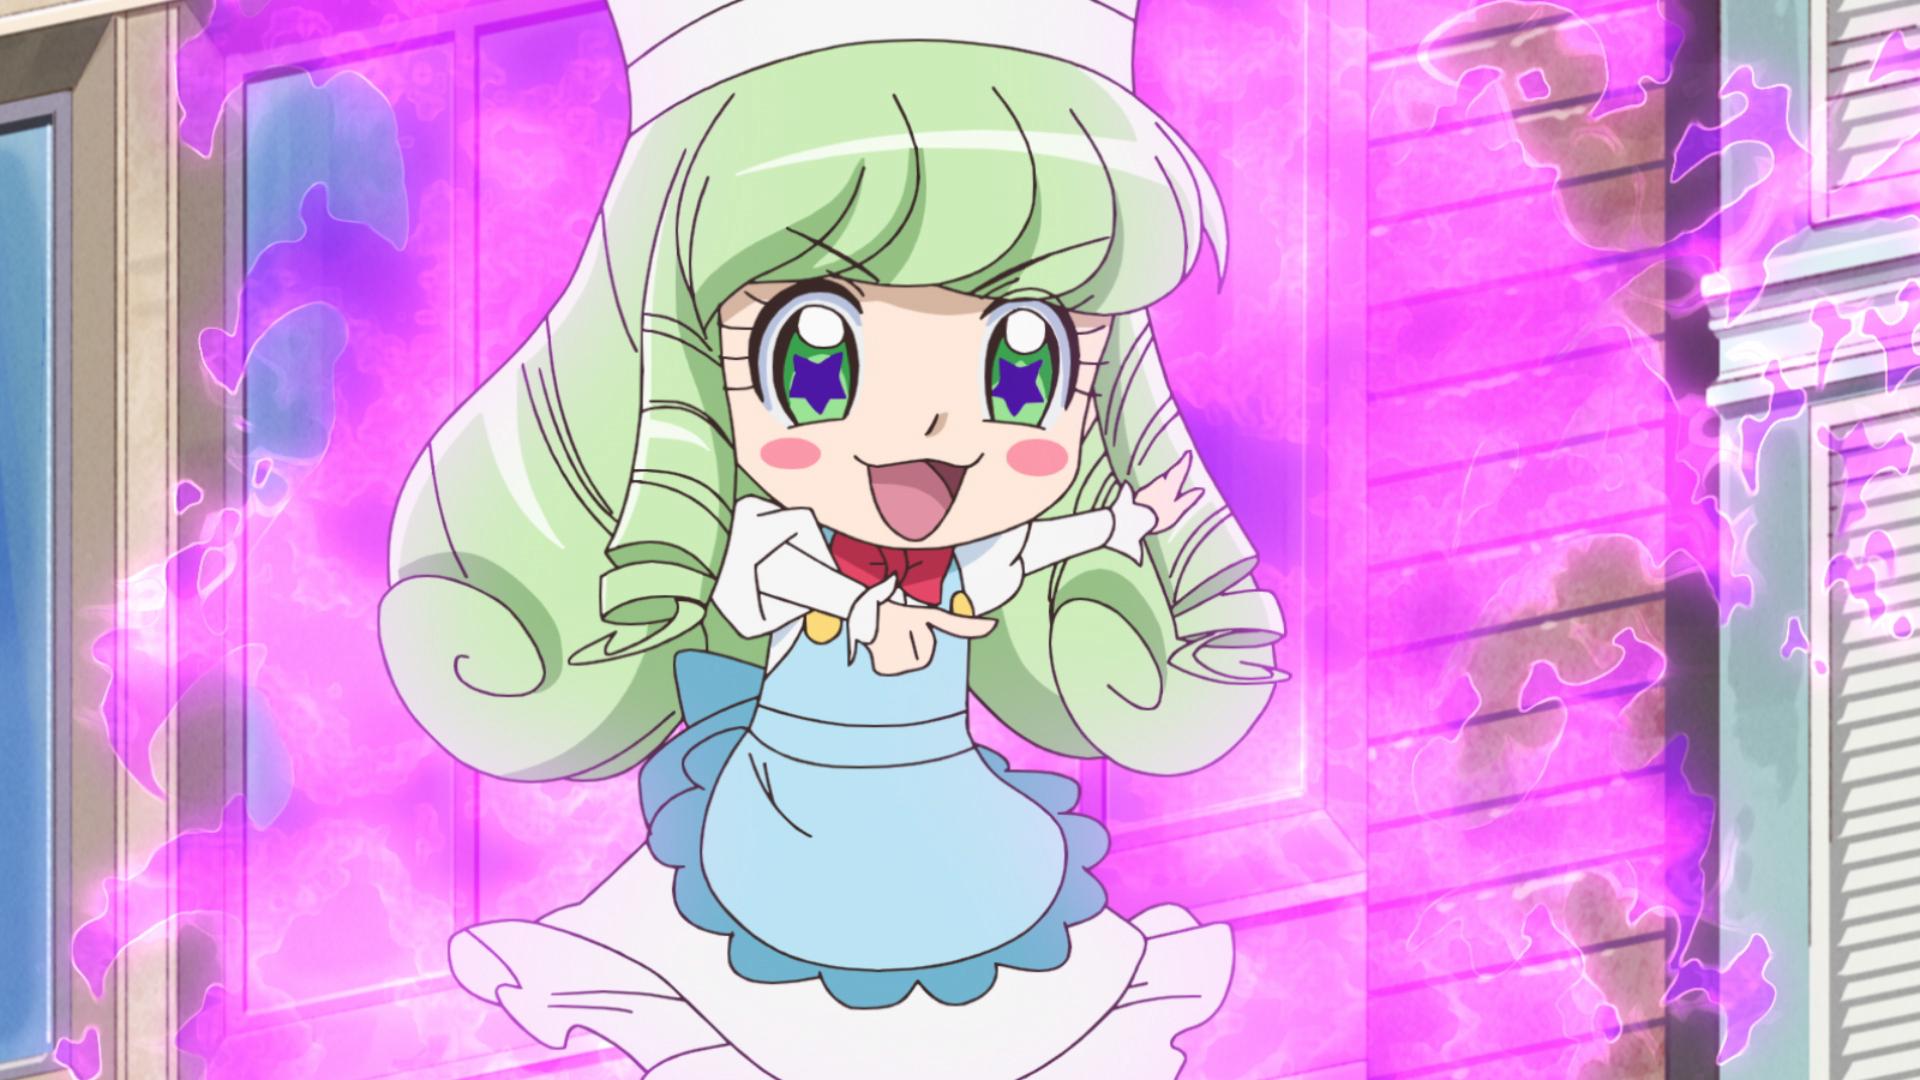 『映画キラキラ☆プリキュアアラモード パリッと!想い出のミルフィーユ!』 (C)2017 映画キラキラ☆プリキュアアラモード製作委員会